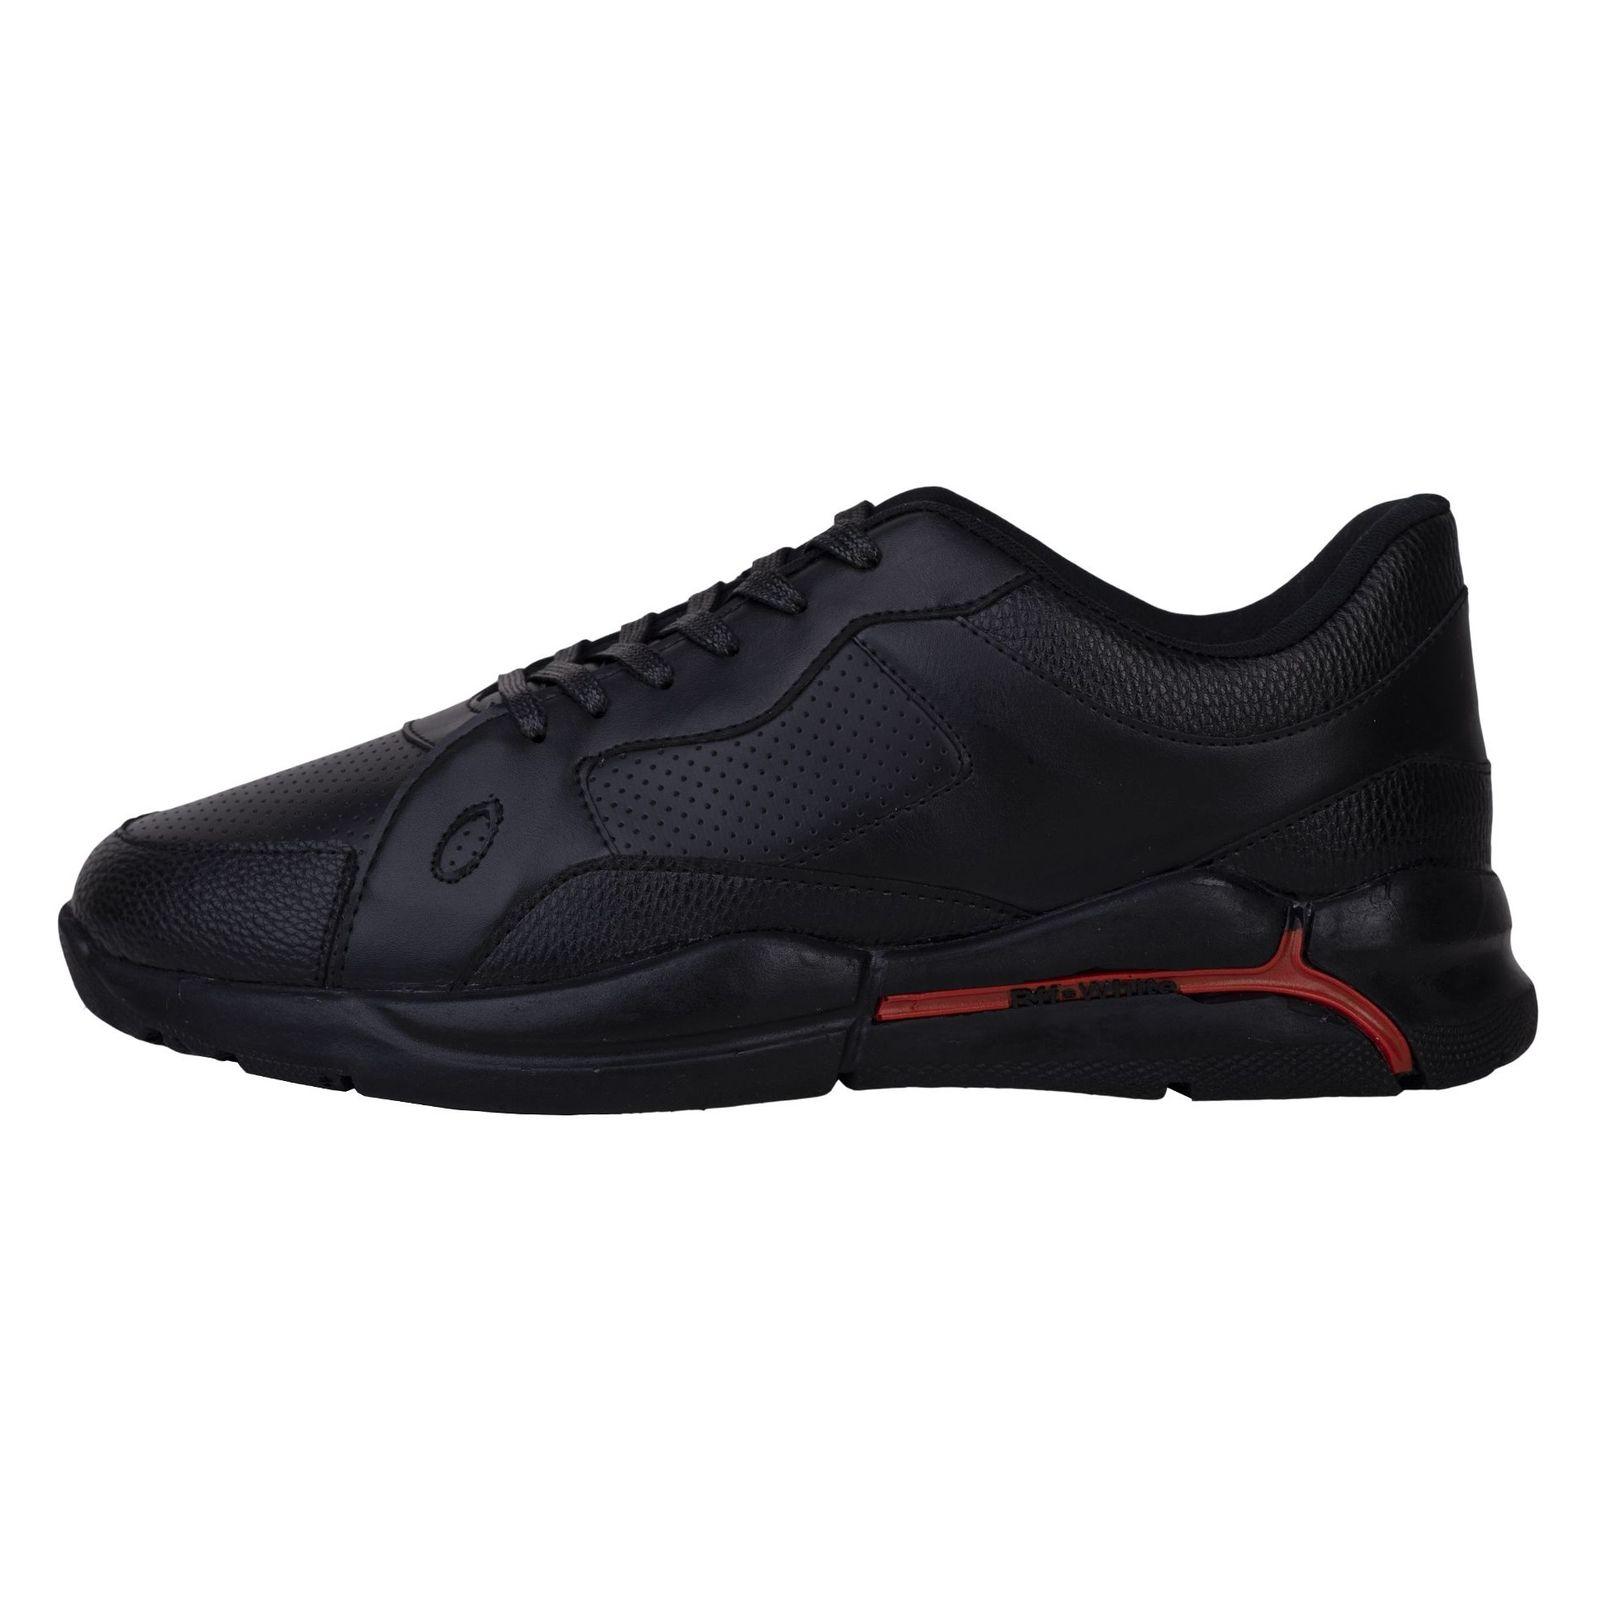 کفش مخصوص پیاده روی مردانه کد 700544 main 1 1